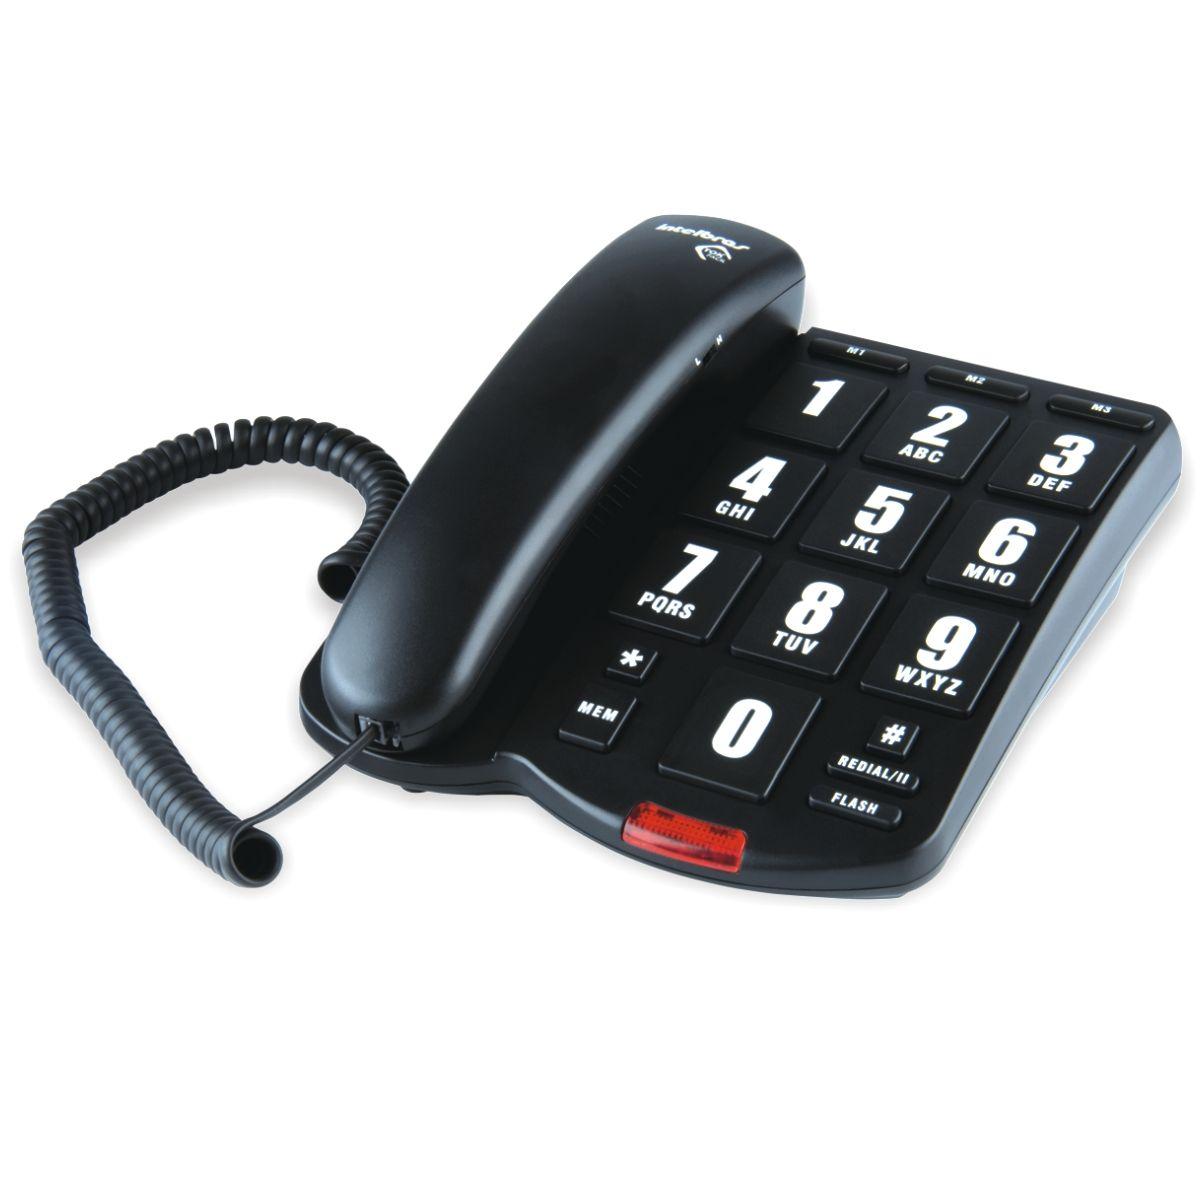 Telefone Intelbras Tok Facil - Hope Tech Telecomunicações